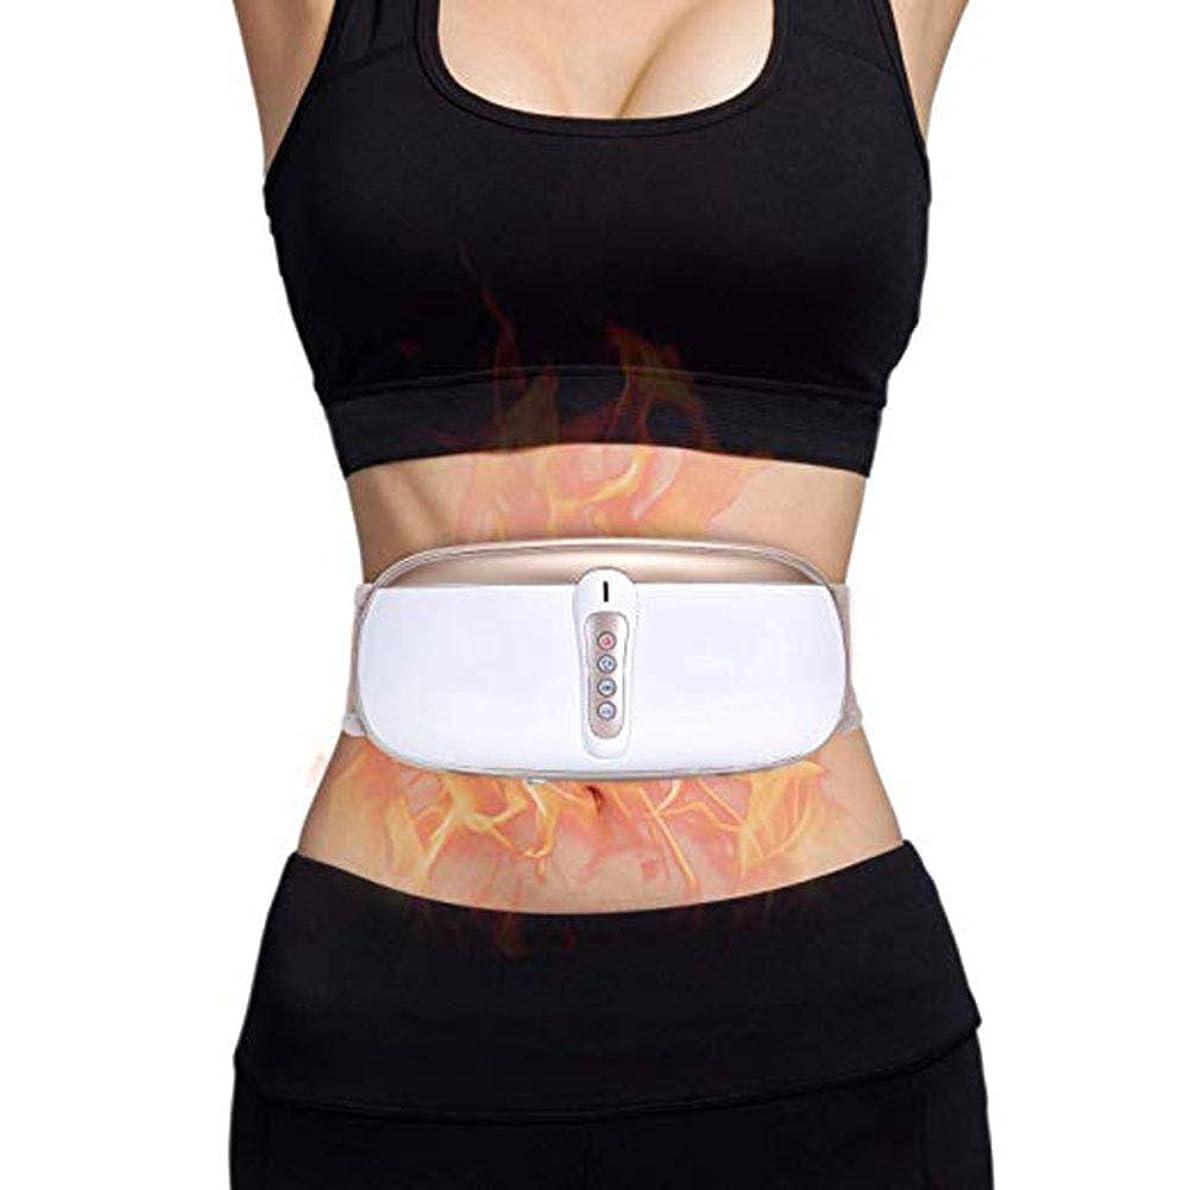 ターゲット提案する騙すスリミングベルト、 調整可能 振動マッサージ 減量機 女性の為に、 と 穏やかな熱、 4つのマッサージモード 腹脂肪バーナー、 血液循環を改善する、 消化を促進する